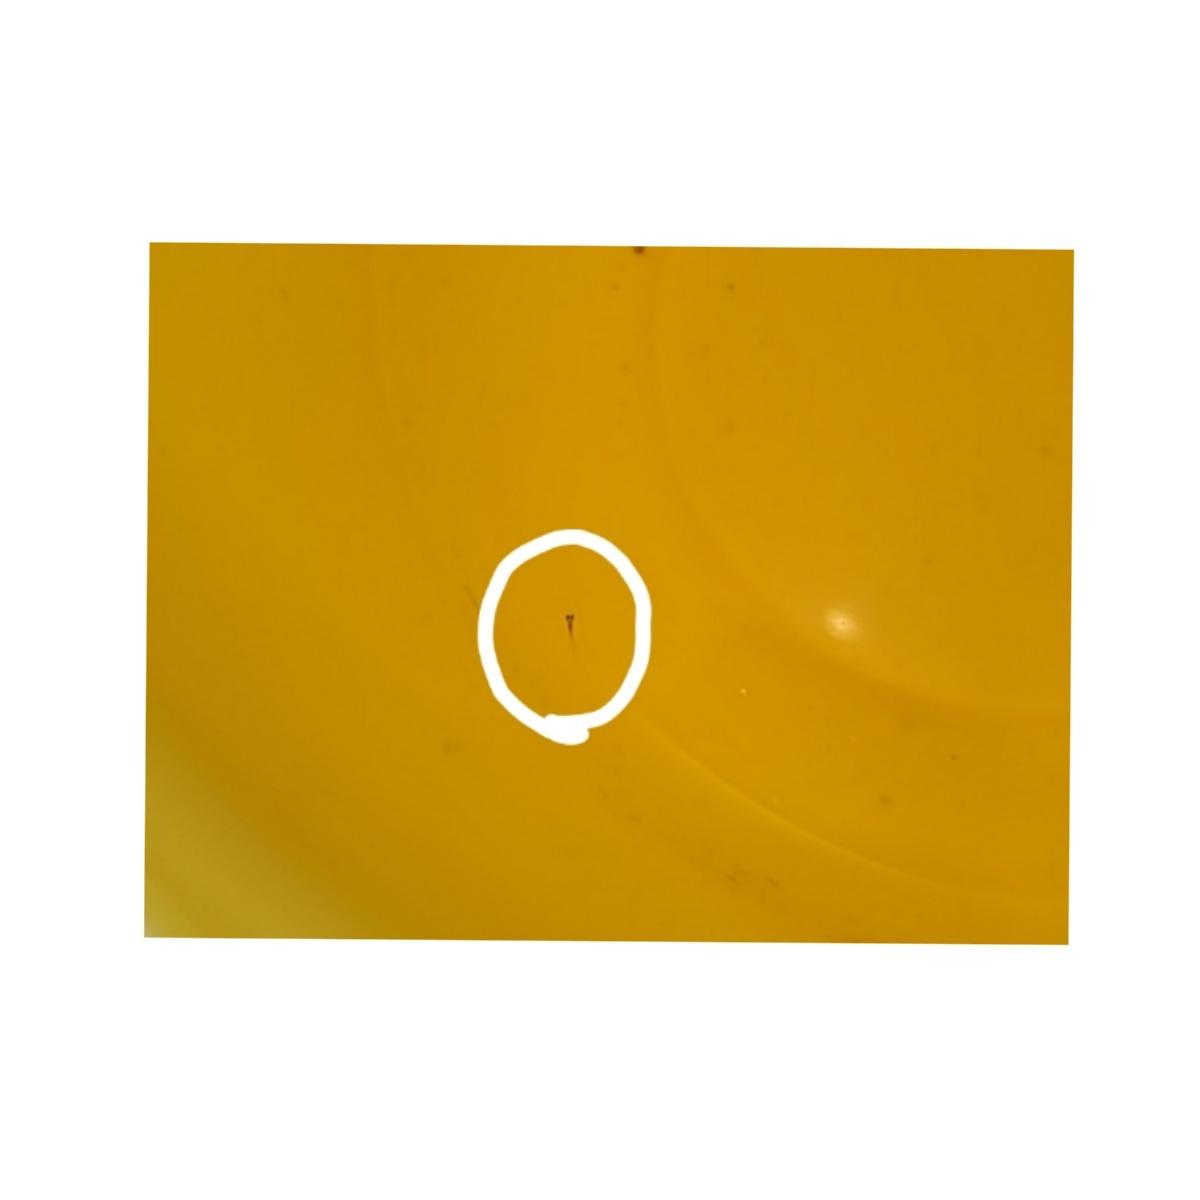 黄色のバケツの中身_b0211088_23134629.jpg